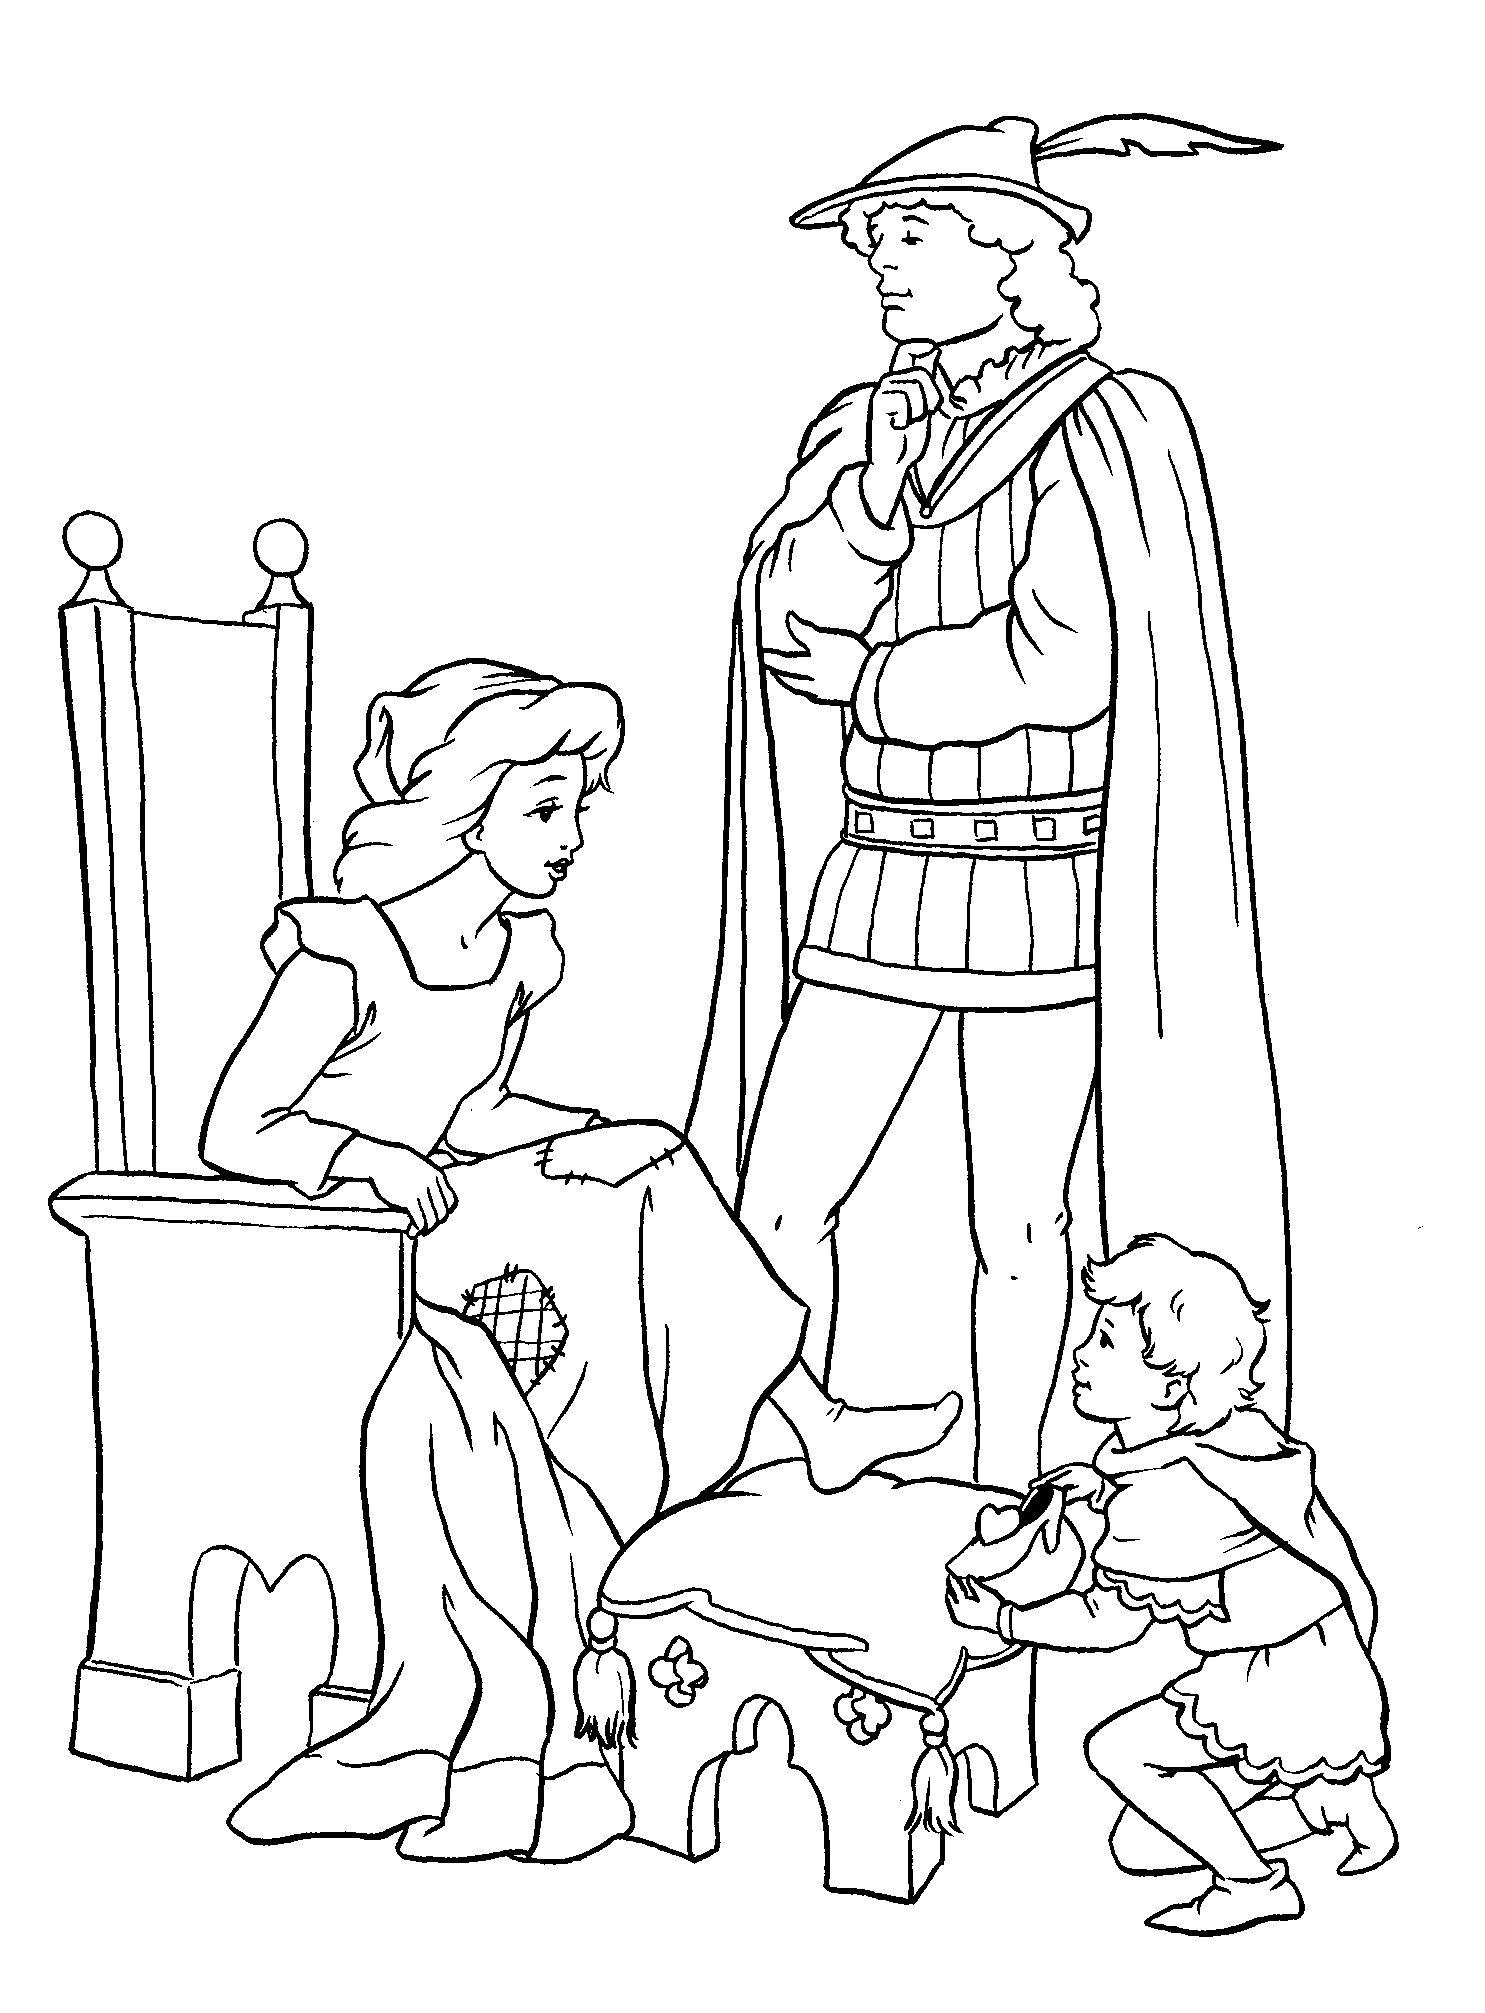 Иллюстрации к сказкам пушкина раскраски